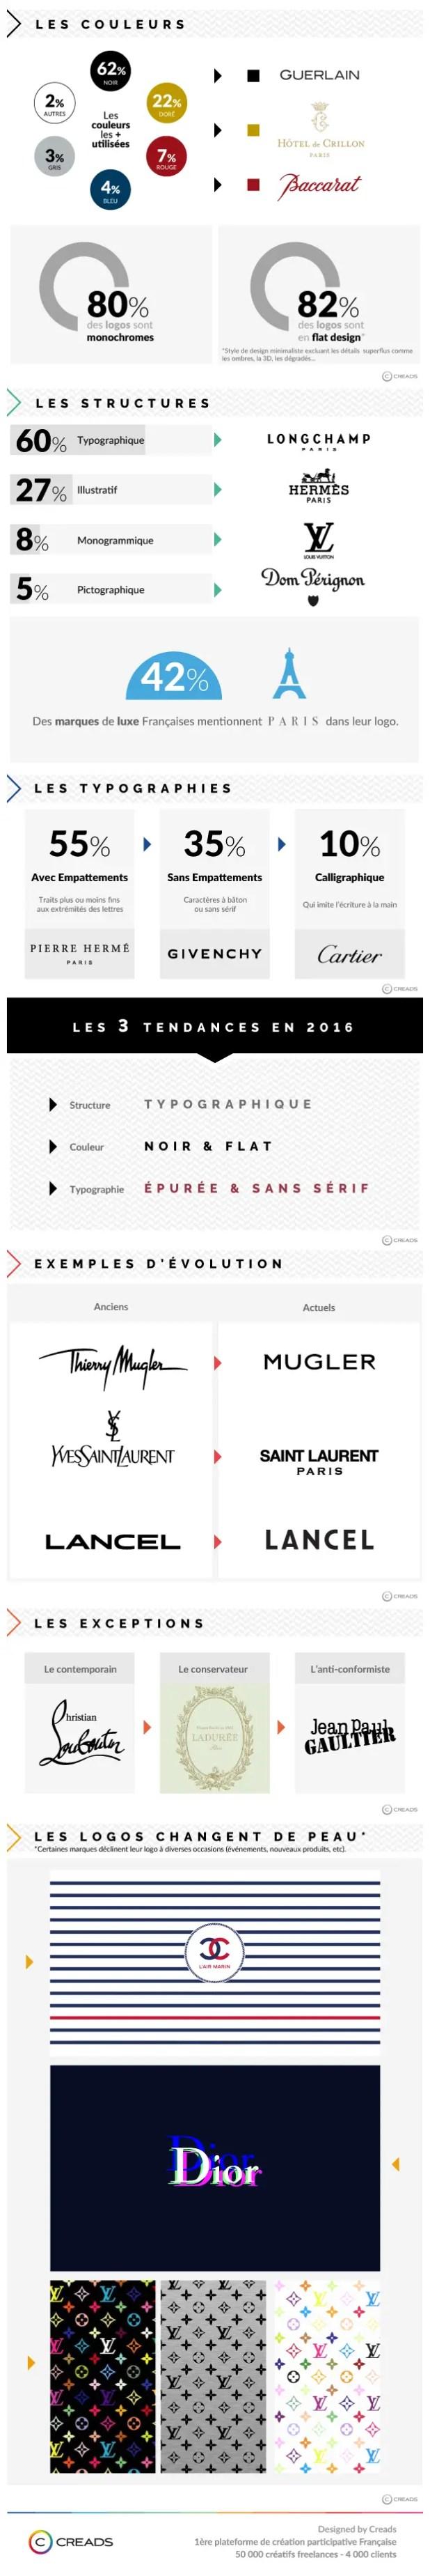 tendances-graphiques-logos